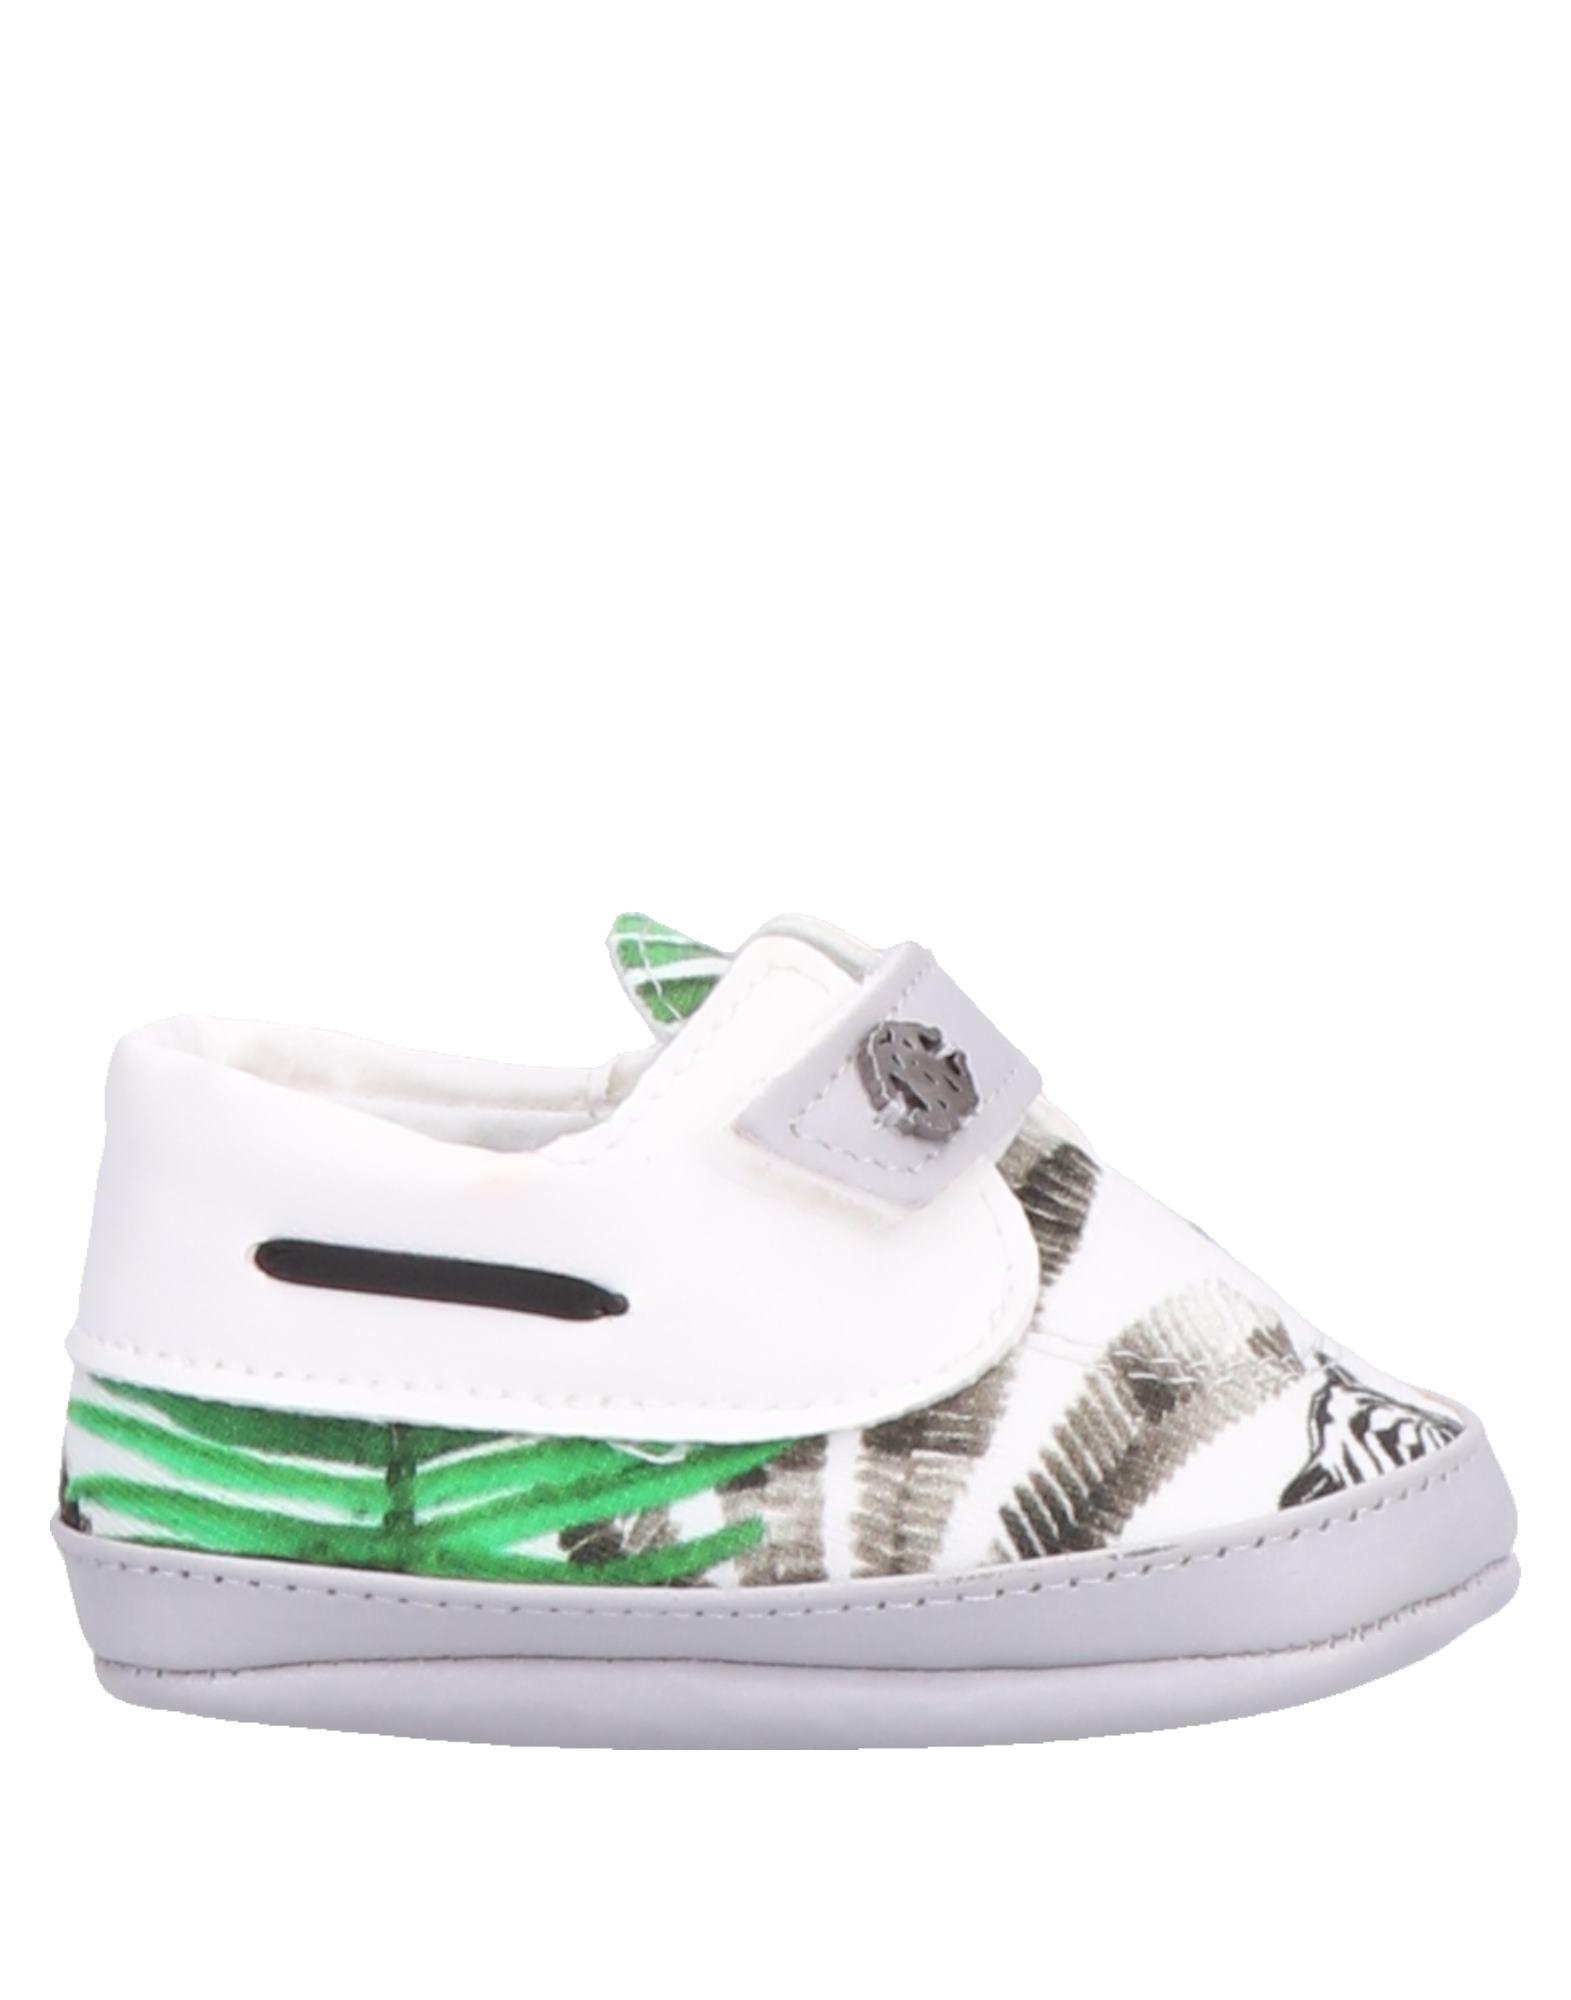 ROBERTO CAVALLI Обувь для новорожденных цены онлайн